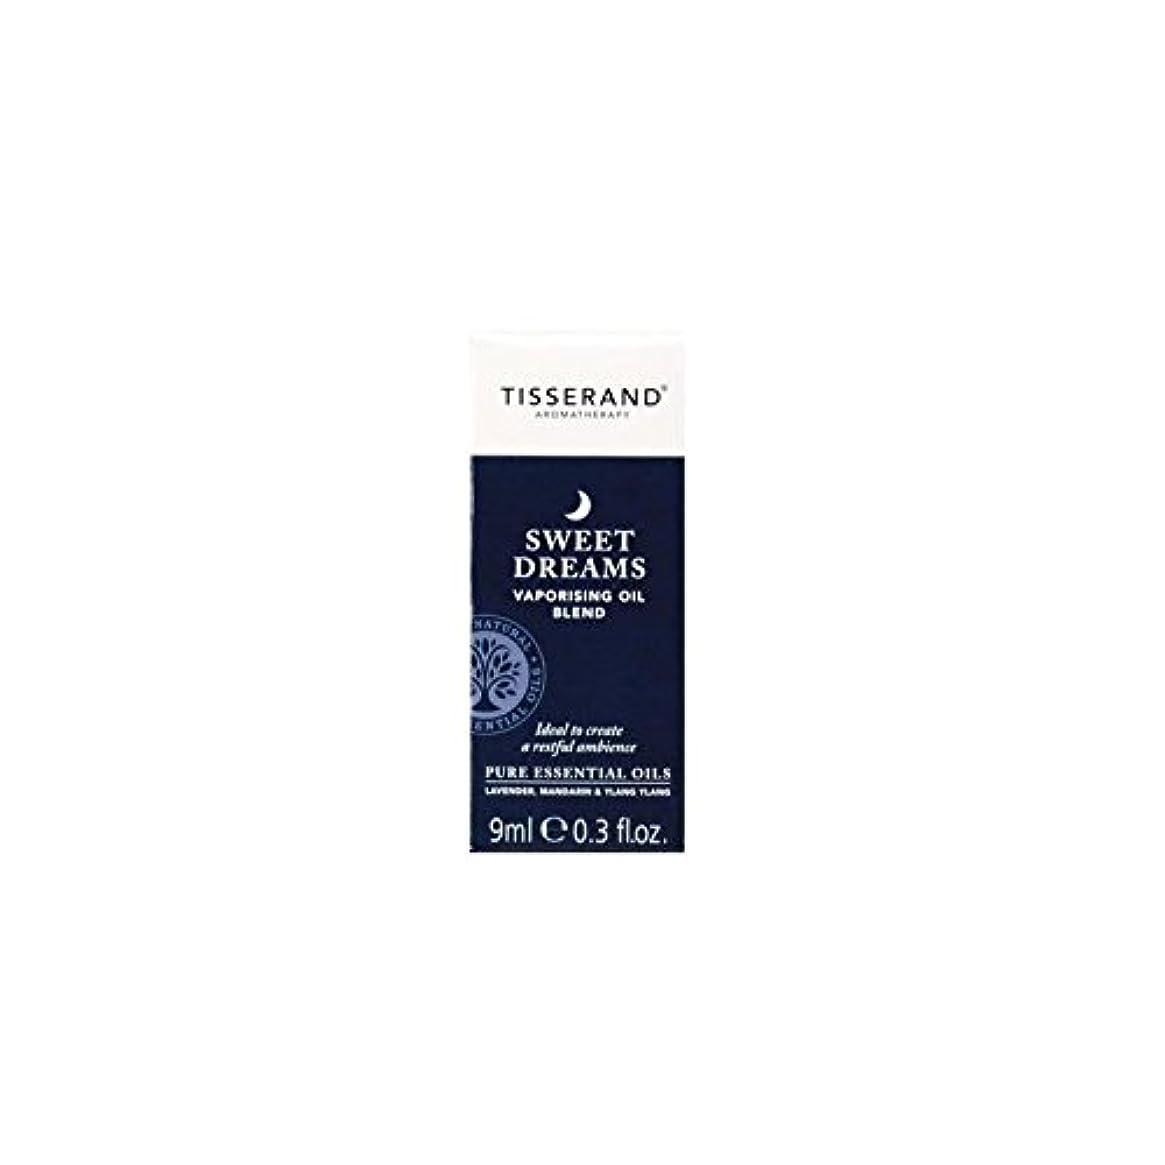 きれいにジーンズ奇跡的なオイル9ミリリットルを気化甘い夢 (Tisserand) (x 4) - Tisserand Sweet Dreams Vaporising Oil 9ml (Pack of 4) [並行輸入品]